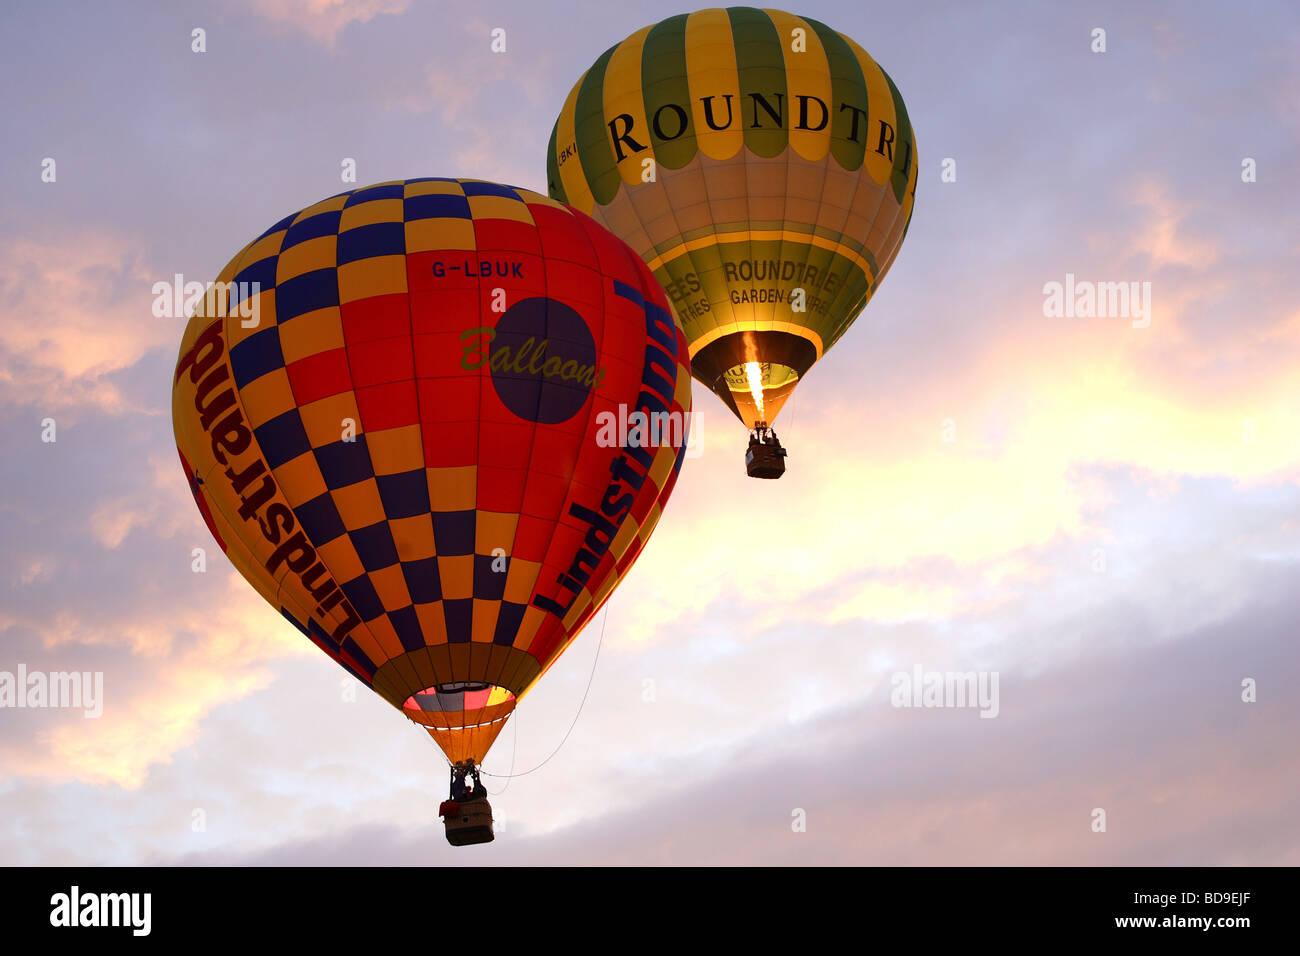 Bristol la fiesta del globo de aire caliente por la mañana temprano el despegue con dos globos Foto de stock